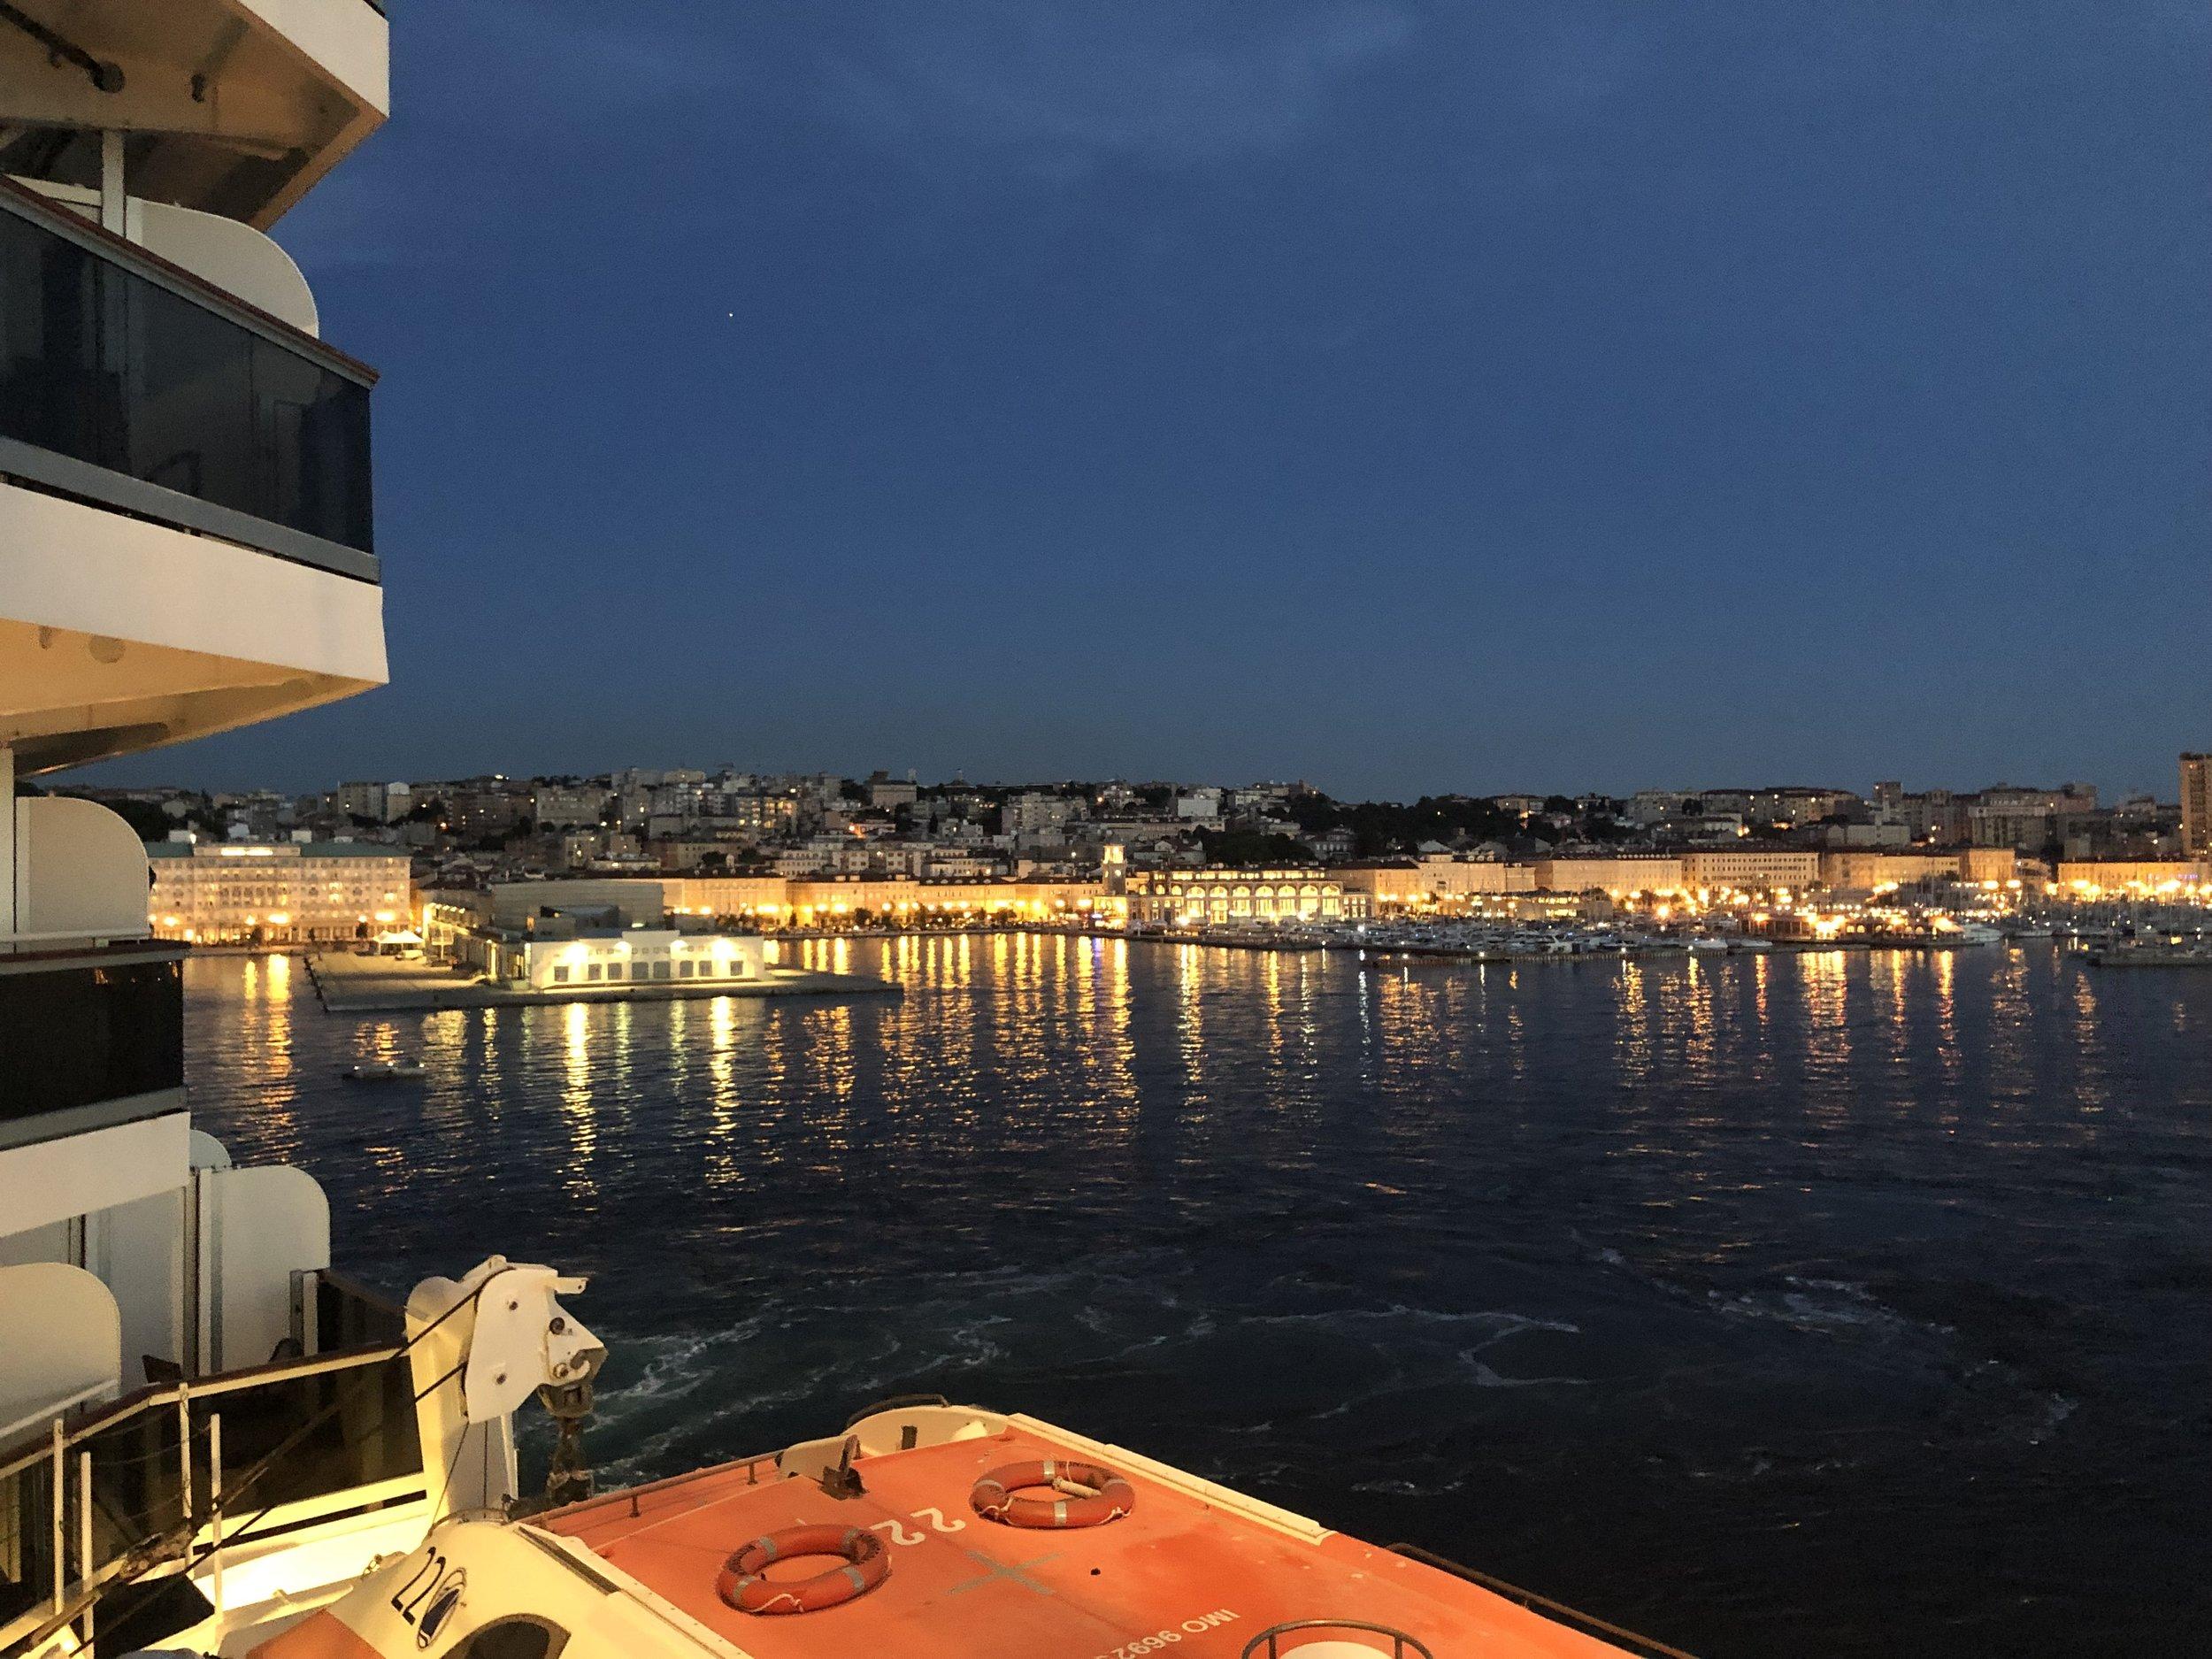 Trieste by night. From my balcony.